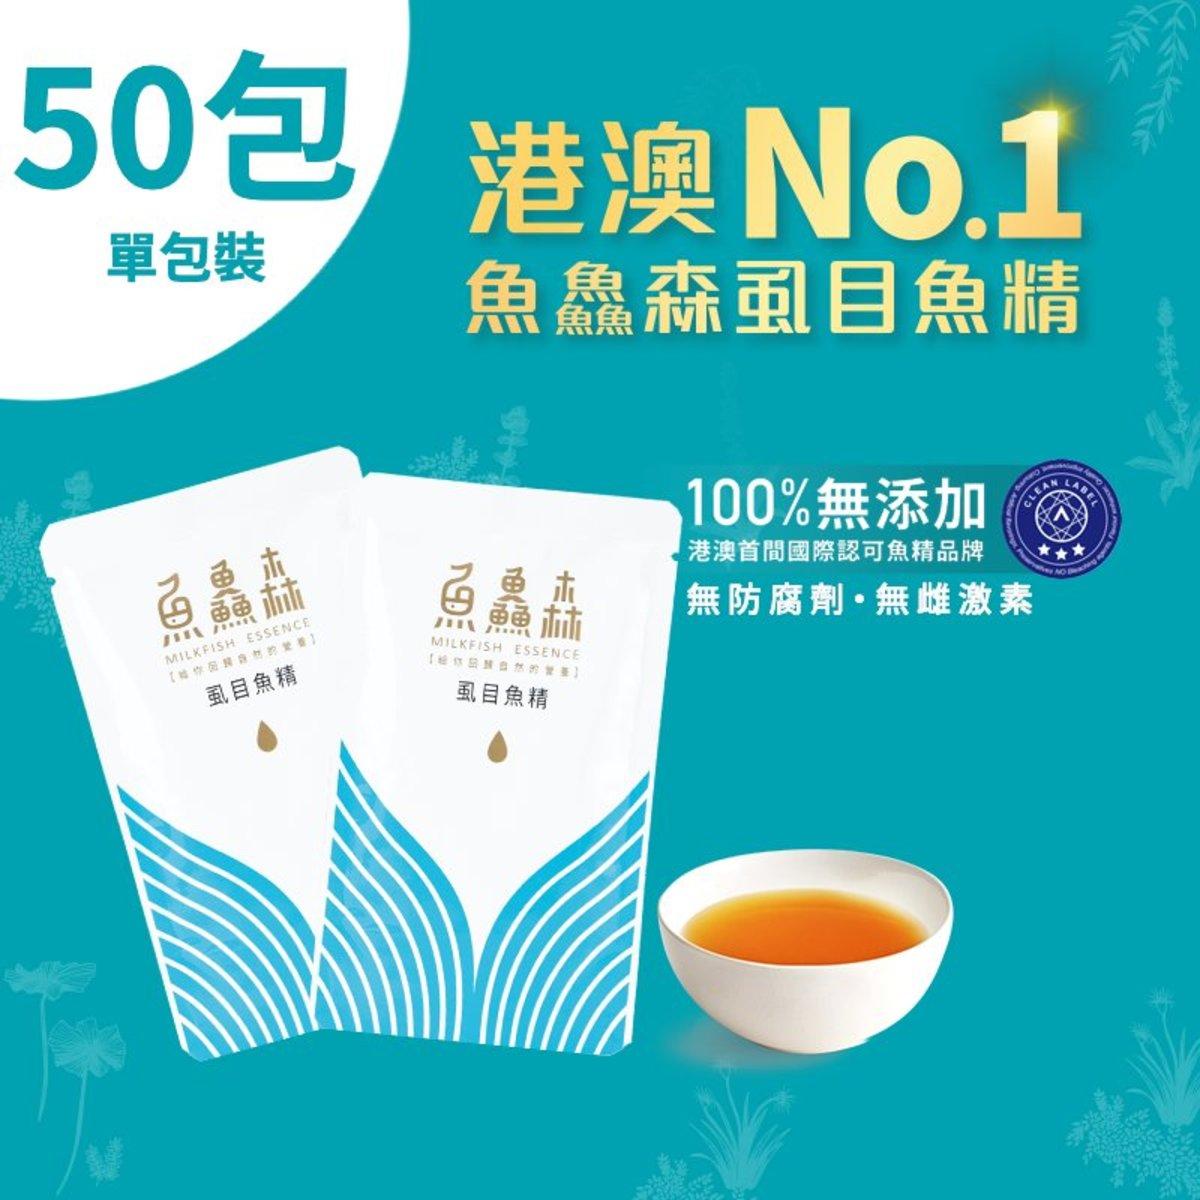 Mr Fish Milkfish Essence (Original Flavor) (Room Temperature) x 50 packs